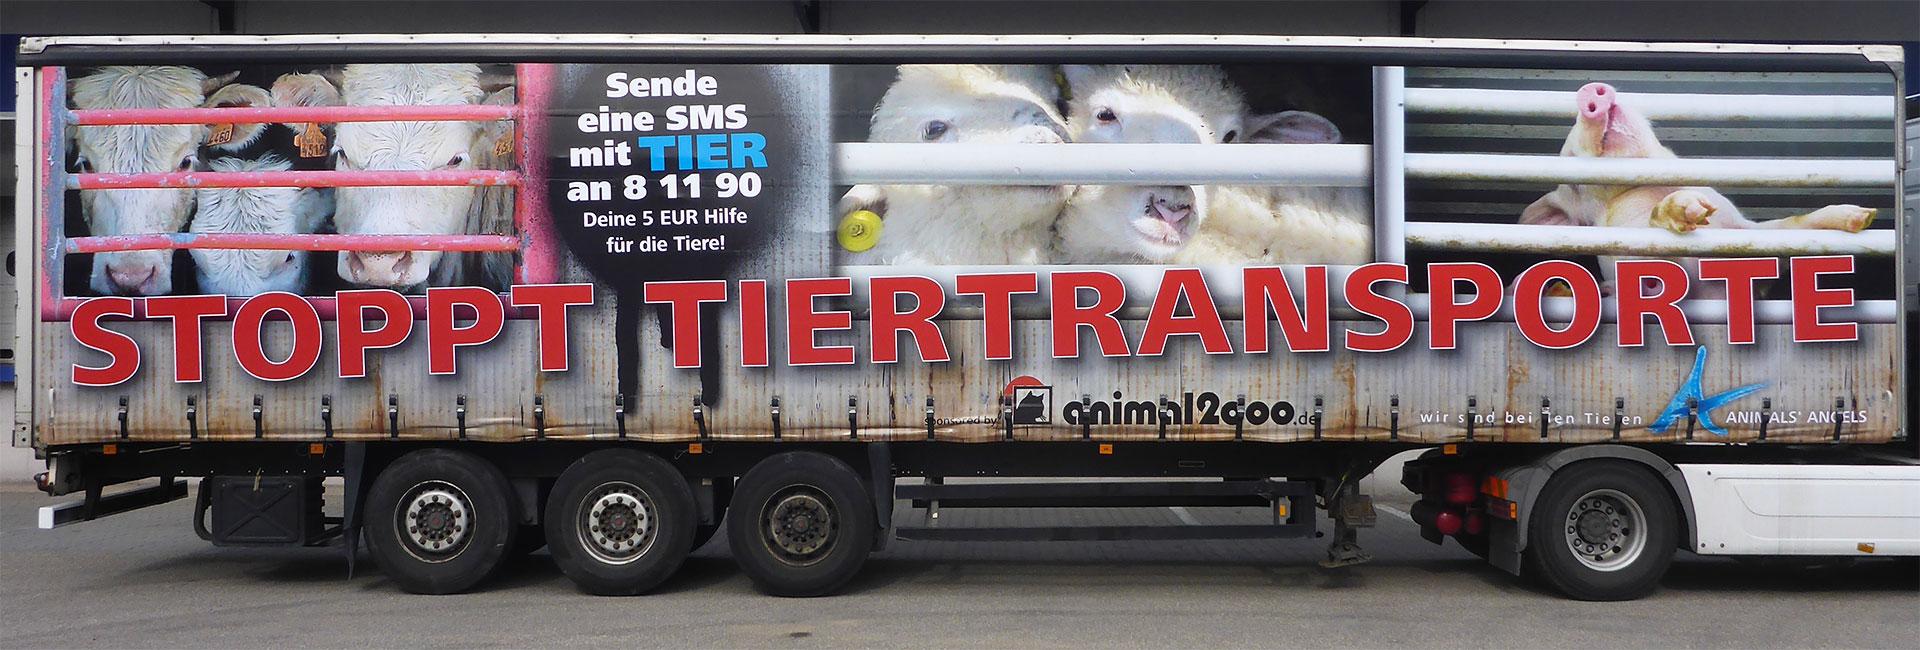 LKW-Plane mit Aufschrift Stoppt Tiertransporte